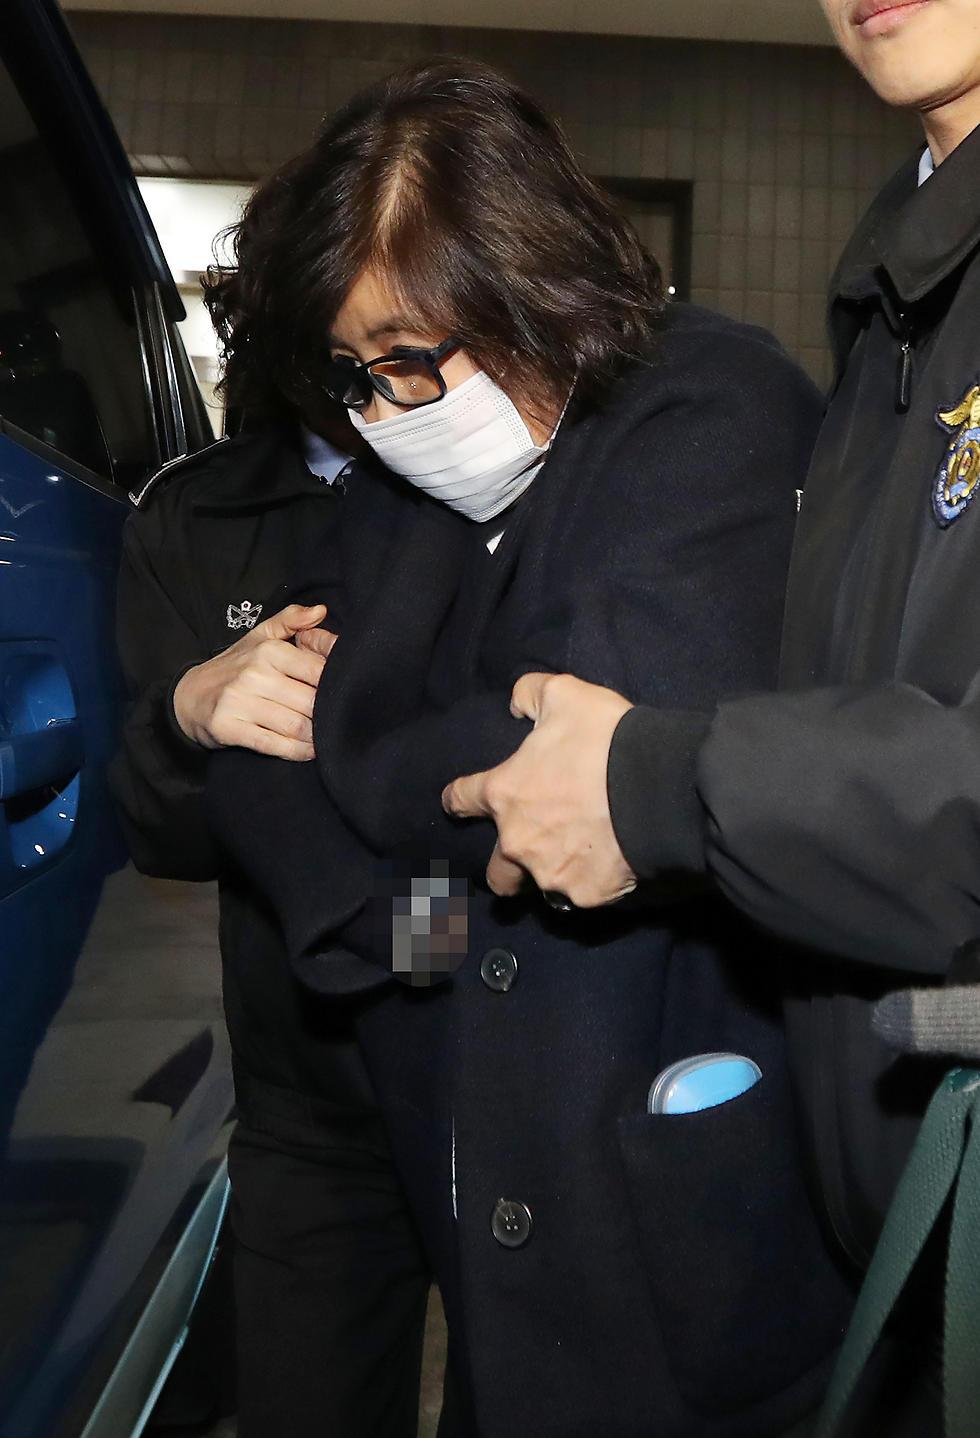 צ'וי התקרבה לנשיאה הדרום קוריאנית בזכות אביה (צילום: AFP) (צילום: AFP)